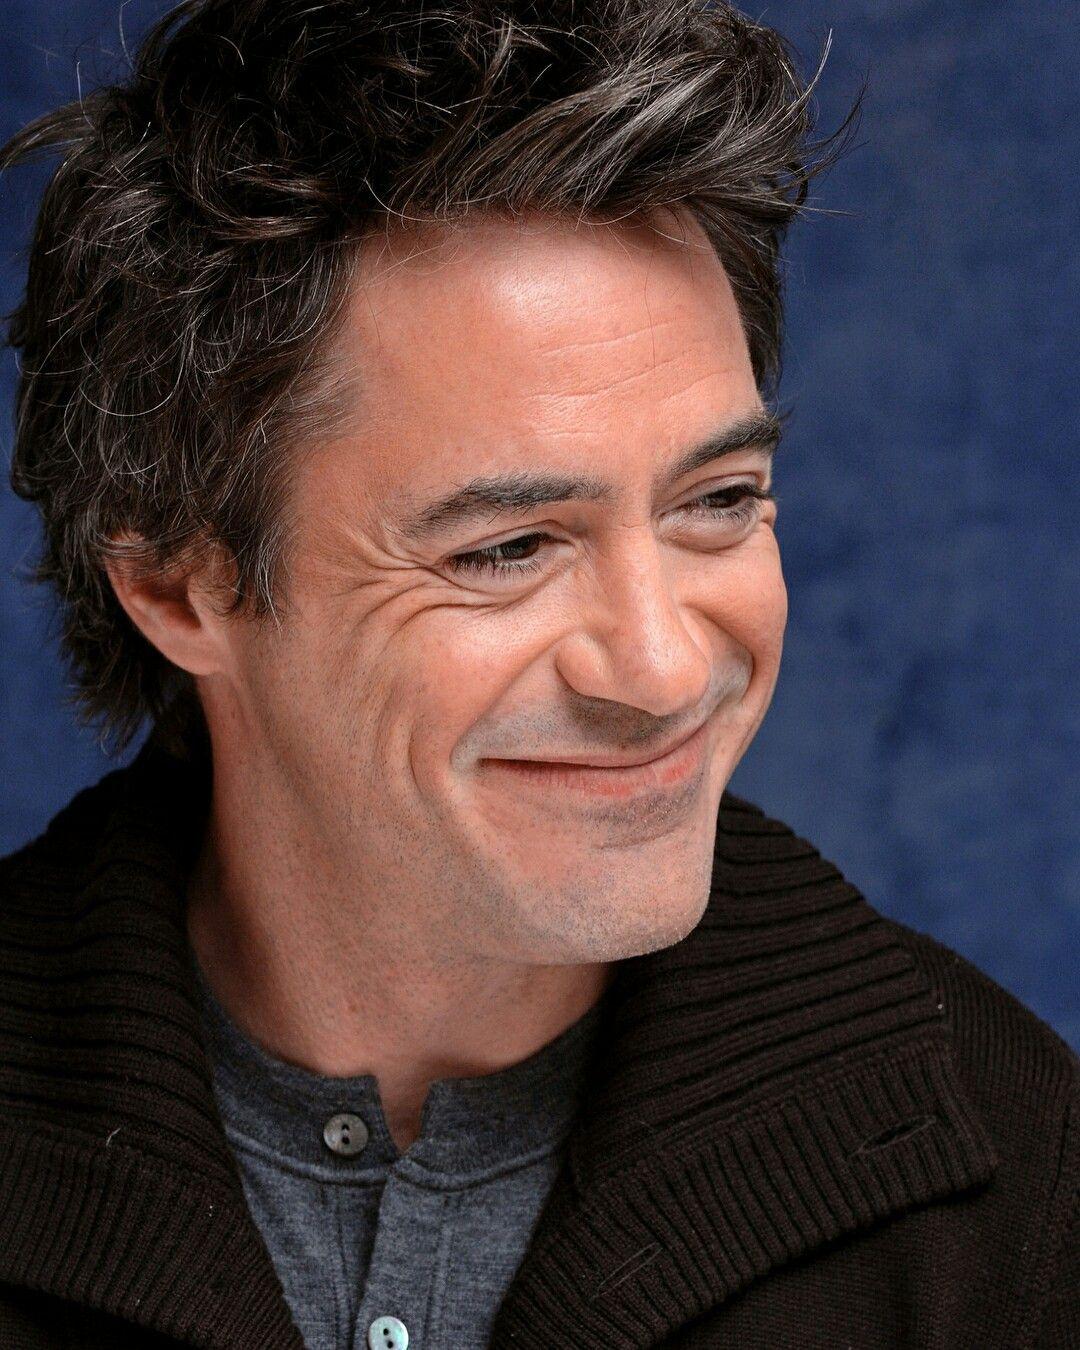 Robert Downey Jr Robert Downey Jr Iron Man Robert Downey Jnr